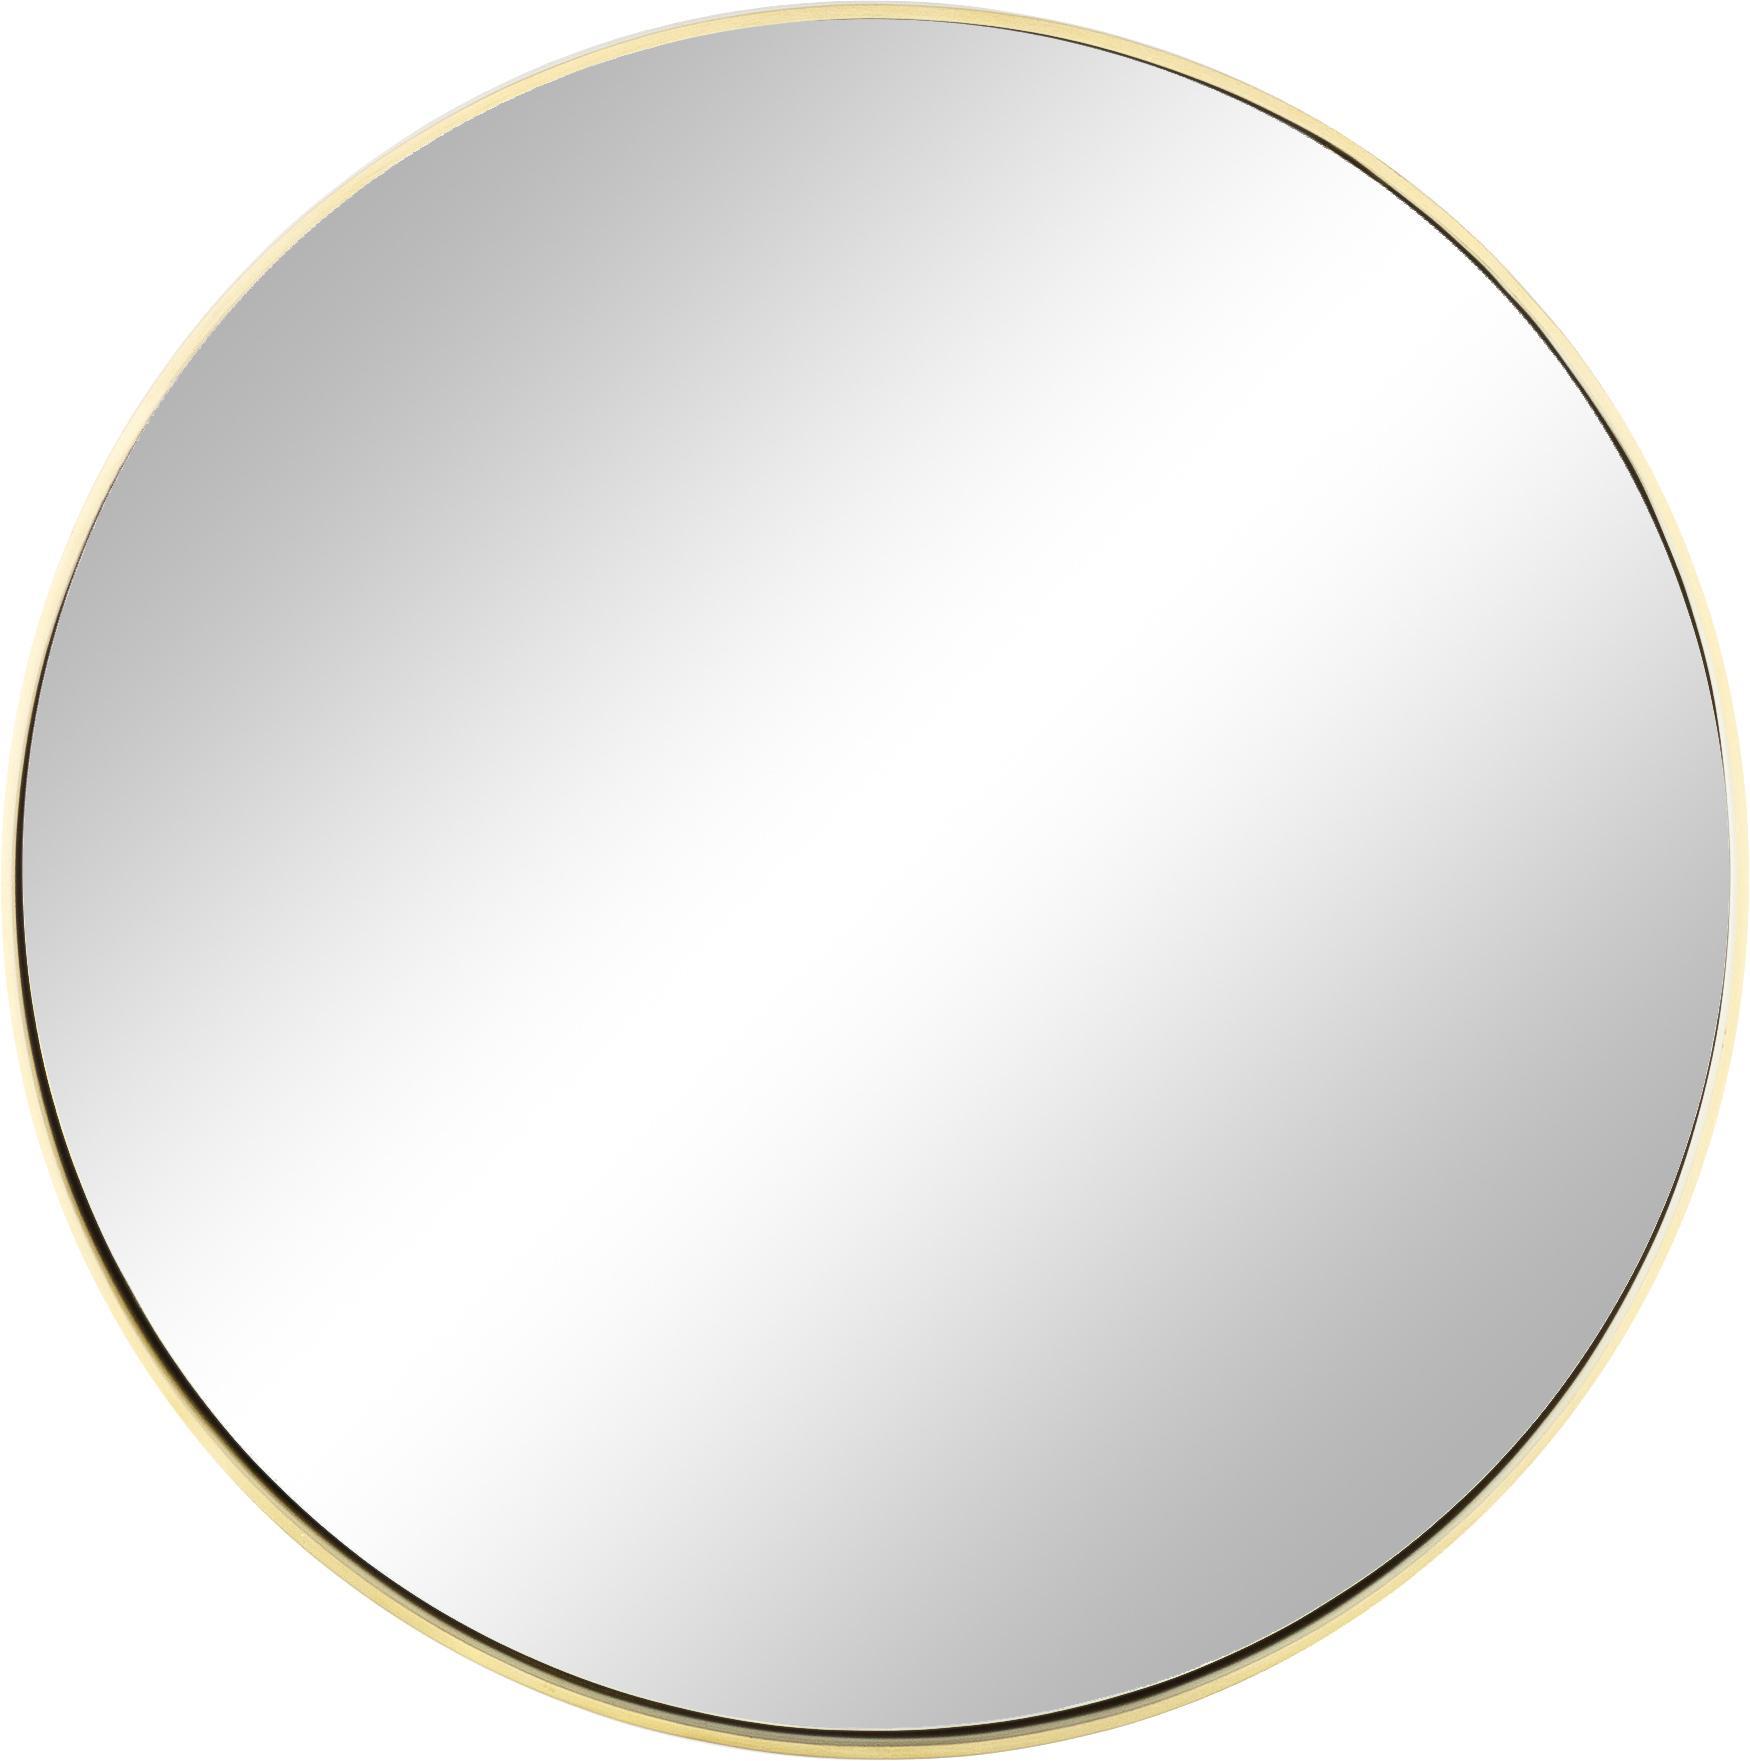 Ronde wandspiegel Ada met goudkleurige lijst, Lijst: vermessingd ijzer, Geborsteld messingkleurig, Ø 60 cm